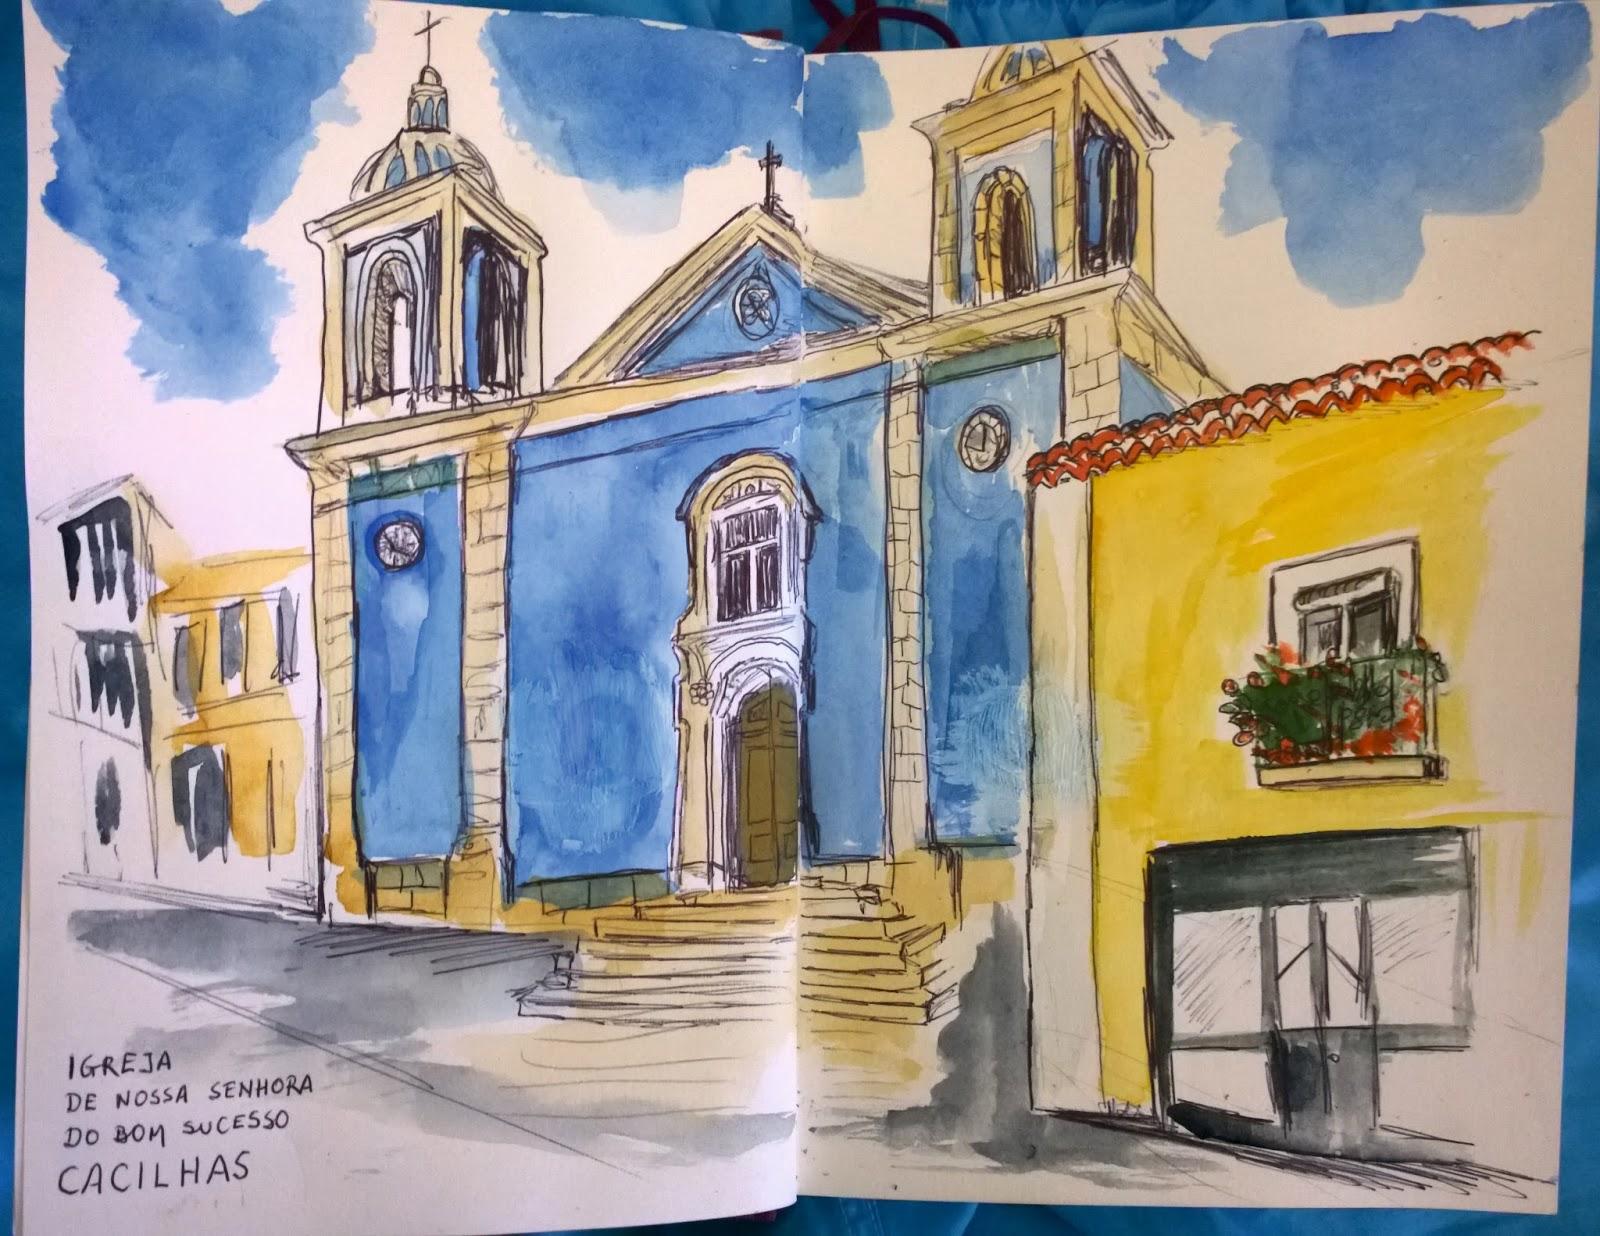 Nuestra Señora del Buen Suceso, Protegió a Cacilhas del Tsunami, Portugal (1 nov)